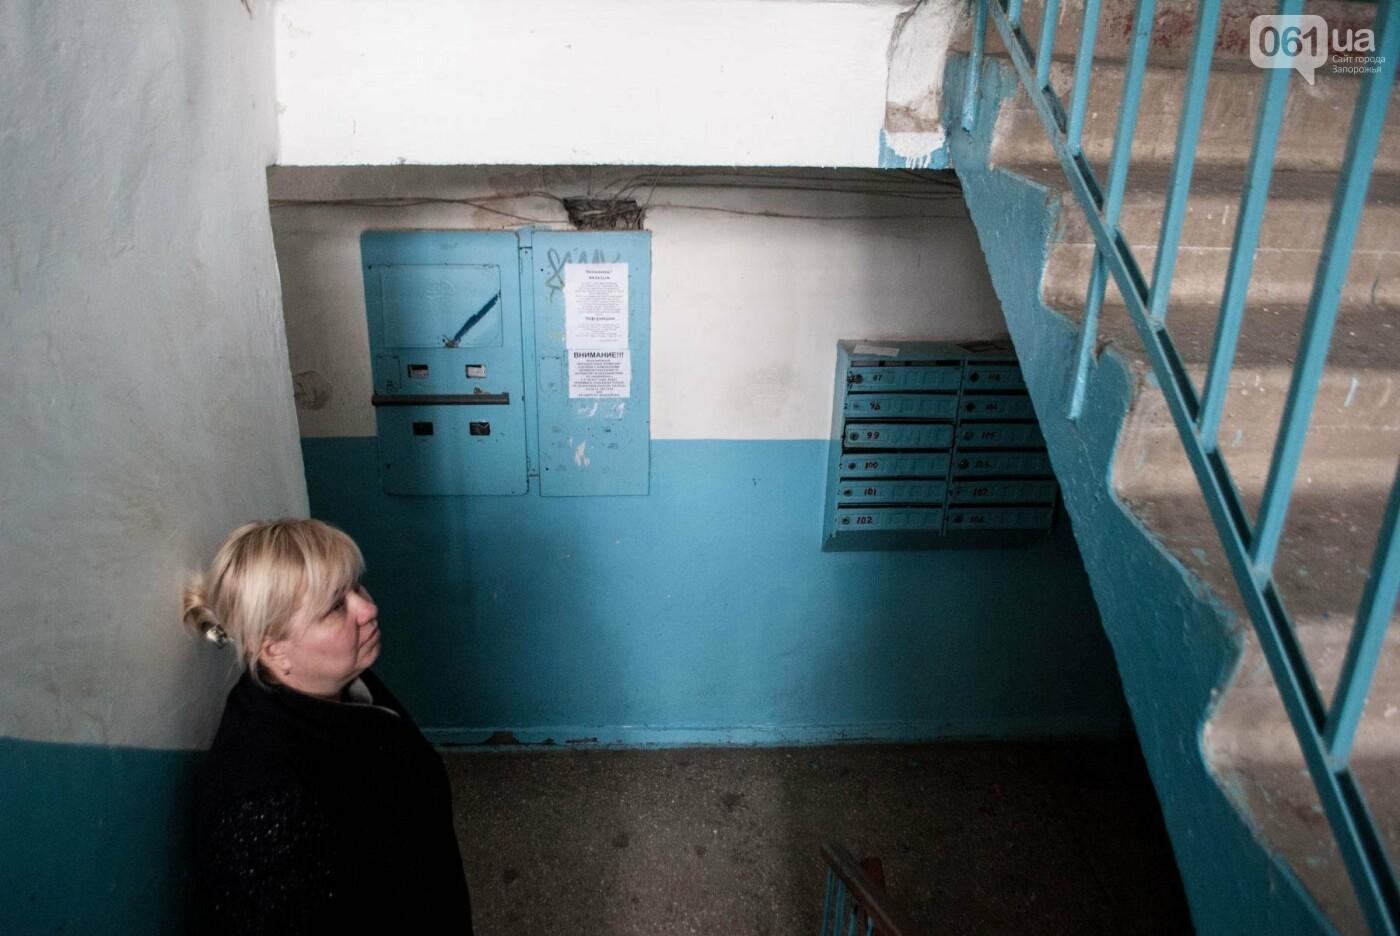 Сам себе хозяин: как запорожские ОСМД занимаются энергосбережением и значительно экономят на тарифах, — ФОТО, фото-46